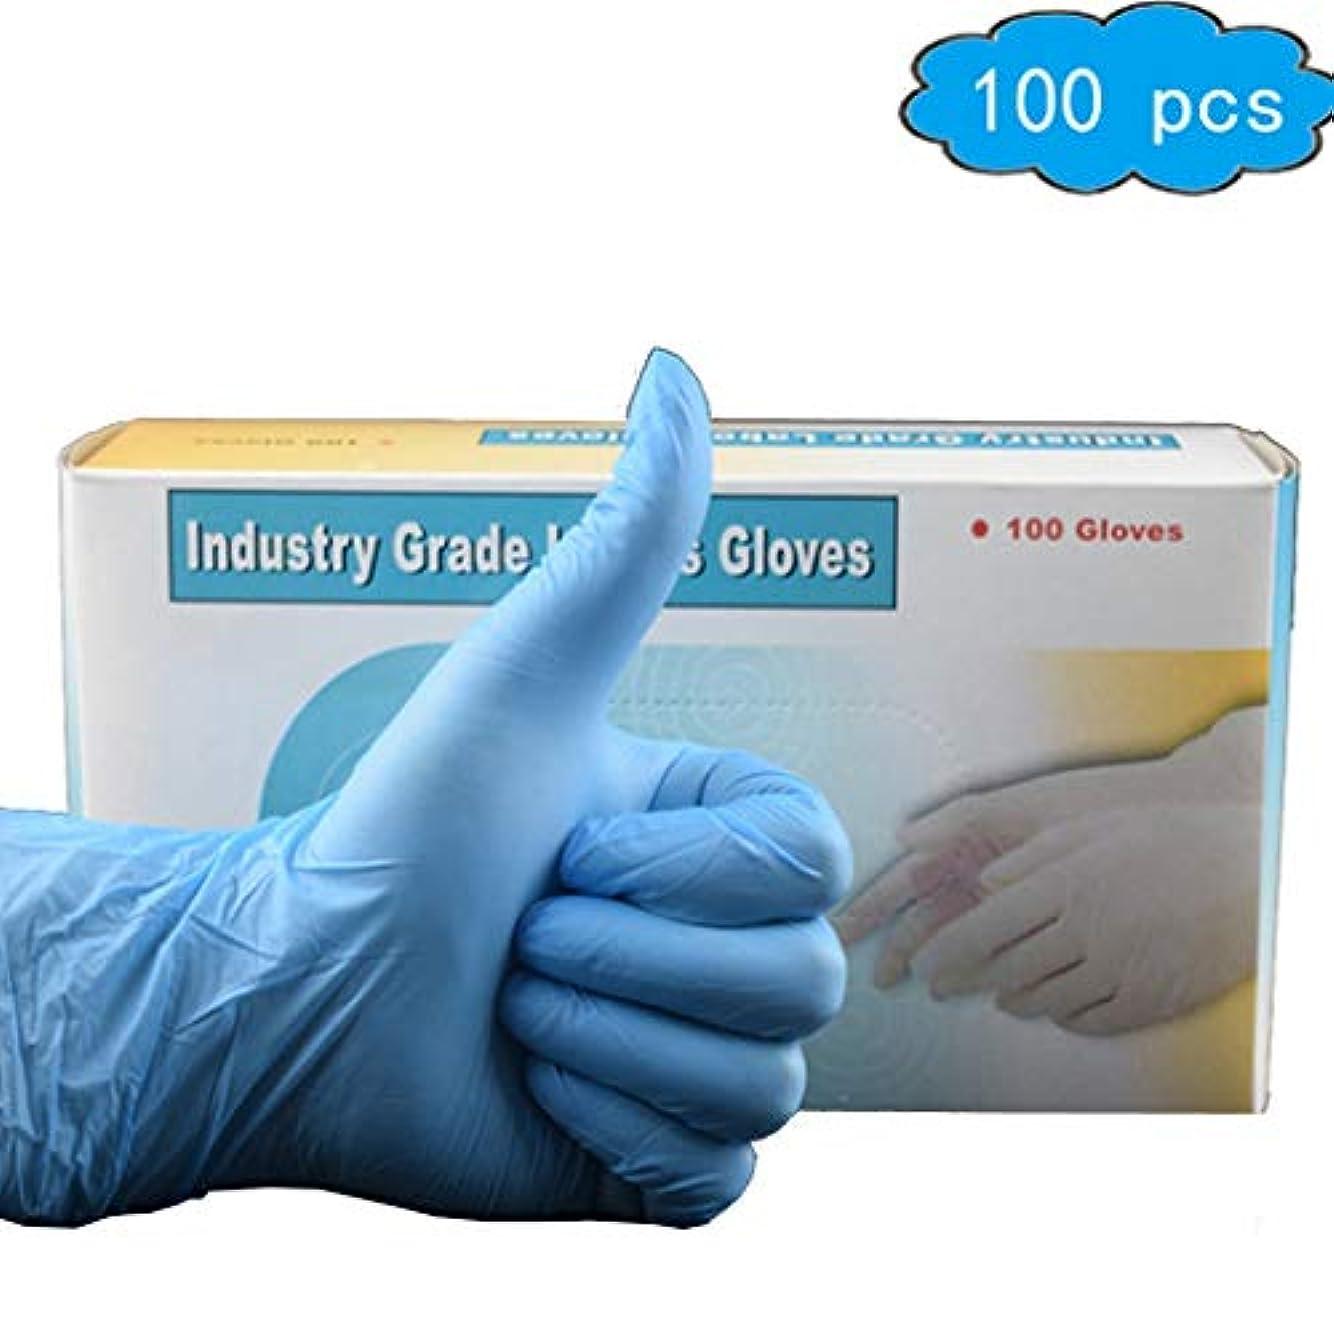 毎日聖歌努力する使い捨て手袋、子供用使い捨て手袋、子供用ニトリル手袋 - 粉末なし、ラテックスなし、無臭、食品等級、アレルギー、質感のある指 - 100PCSブルー (Color : Blue, Size : L)